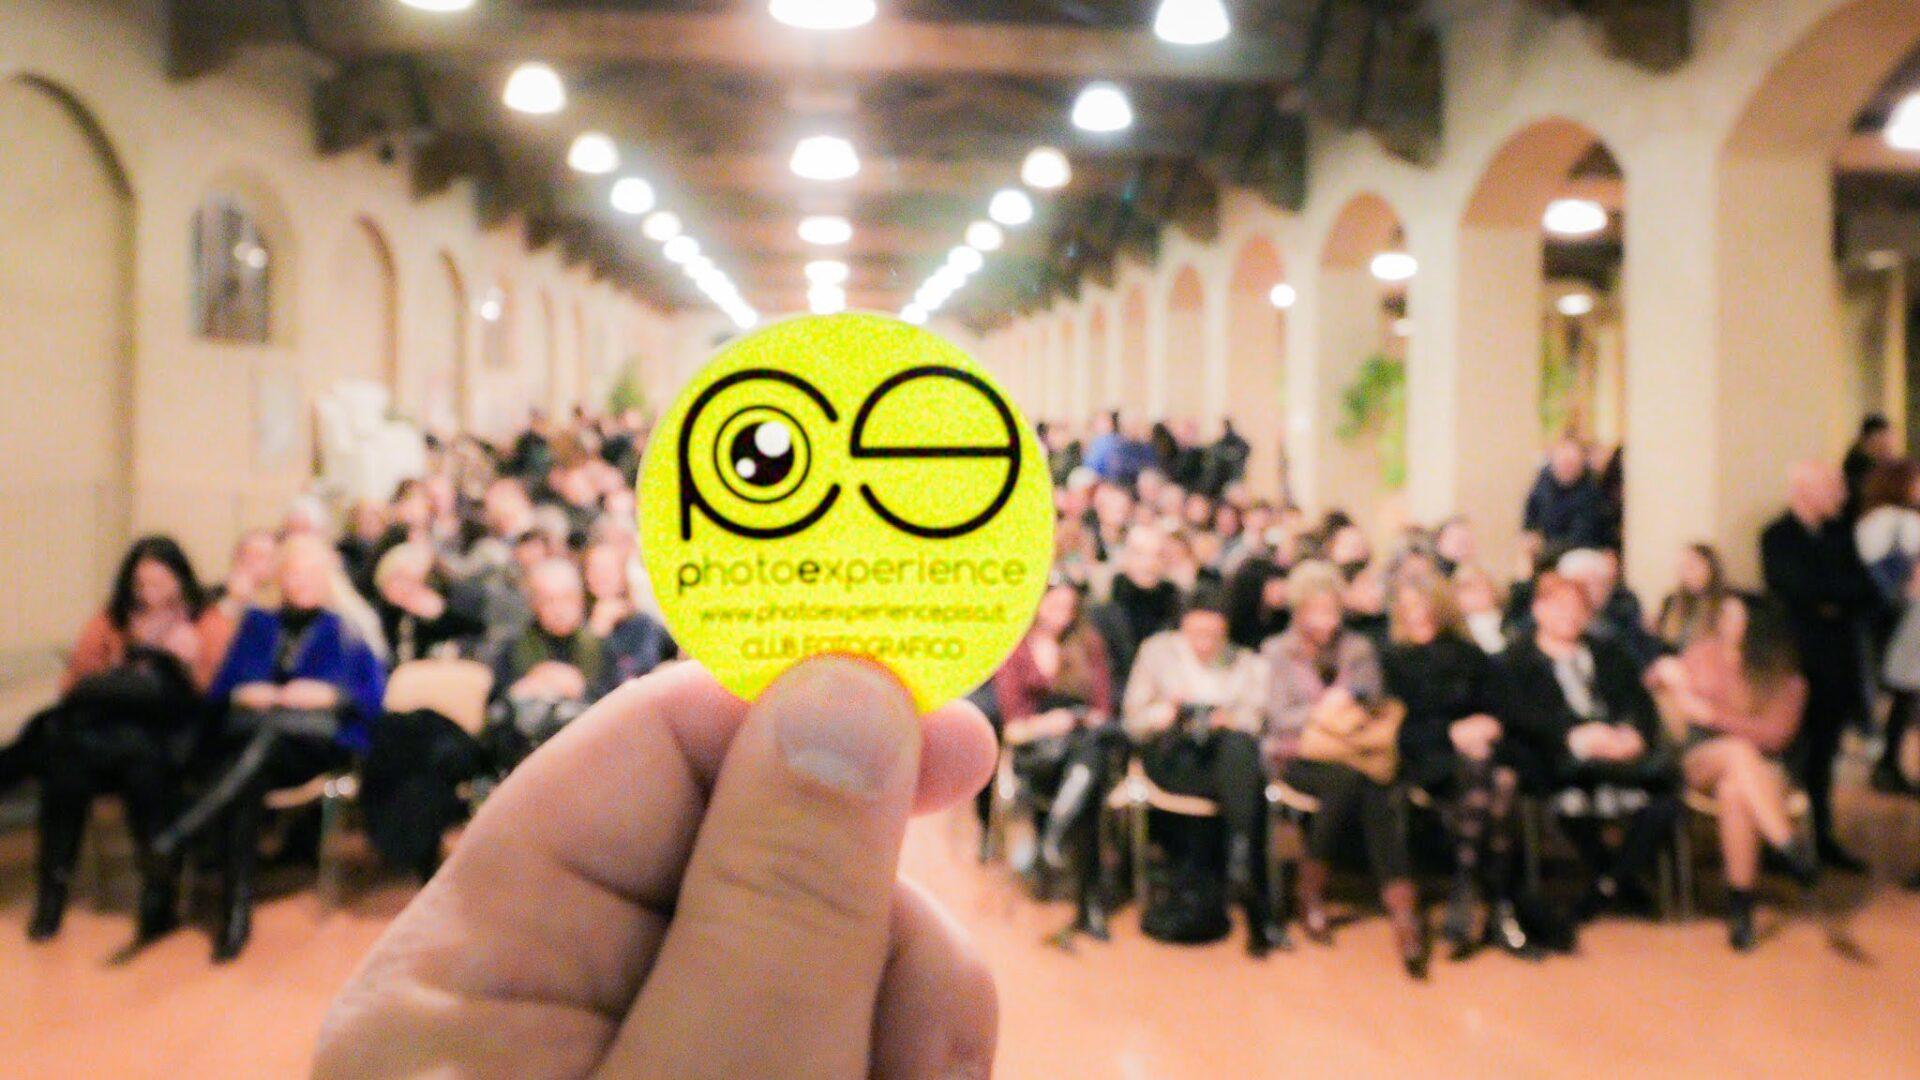 Photo Experience: la mostra fotografica alla Stazione Leopolda è stata un successo!